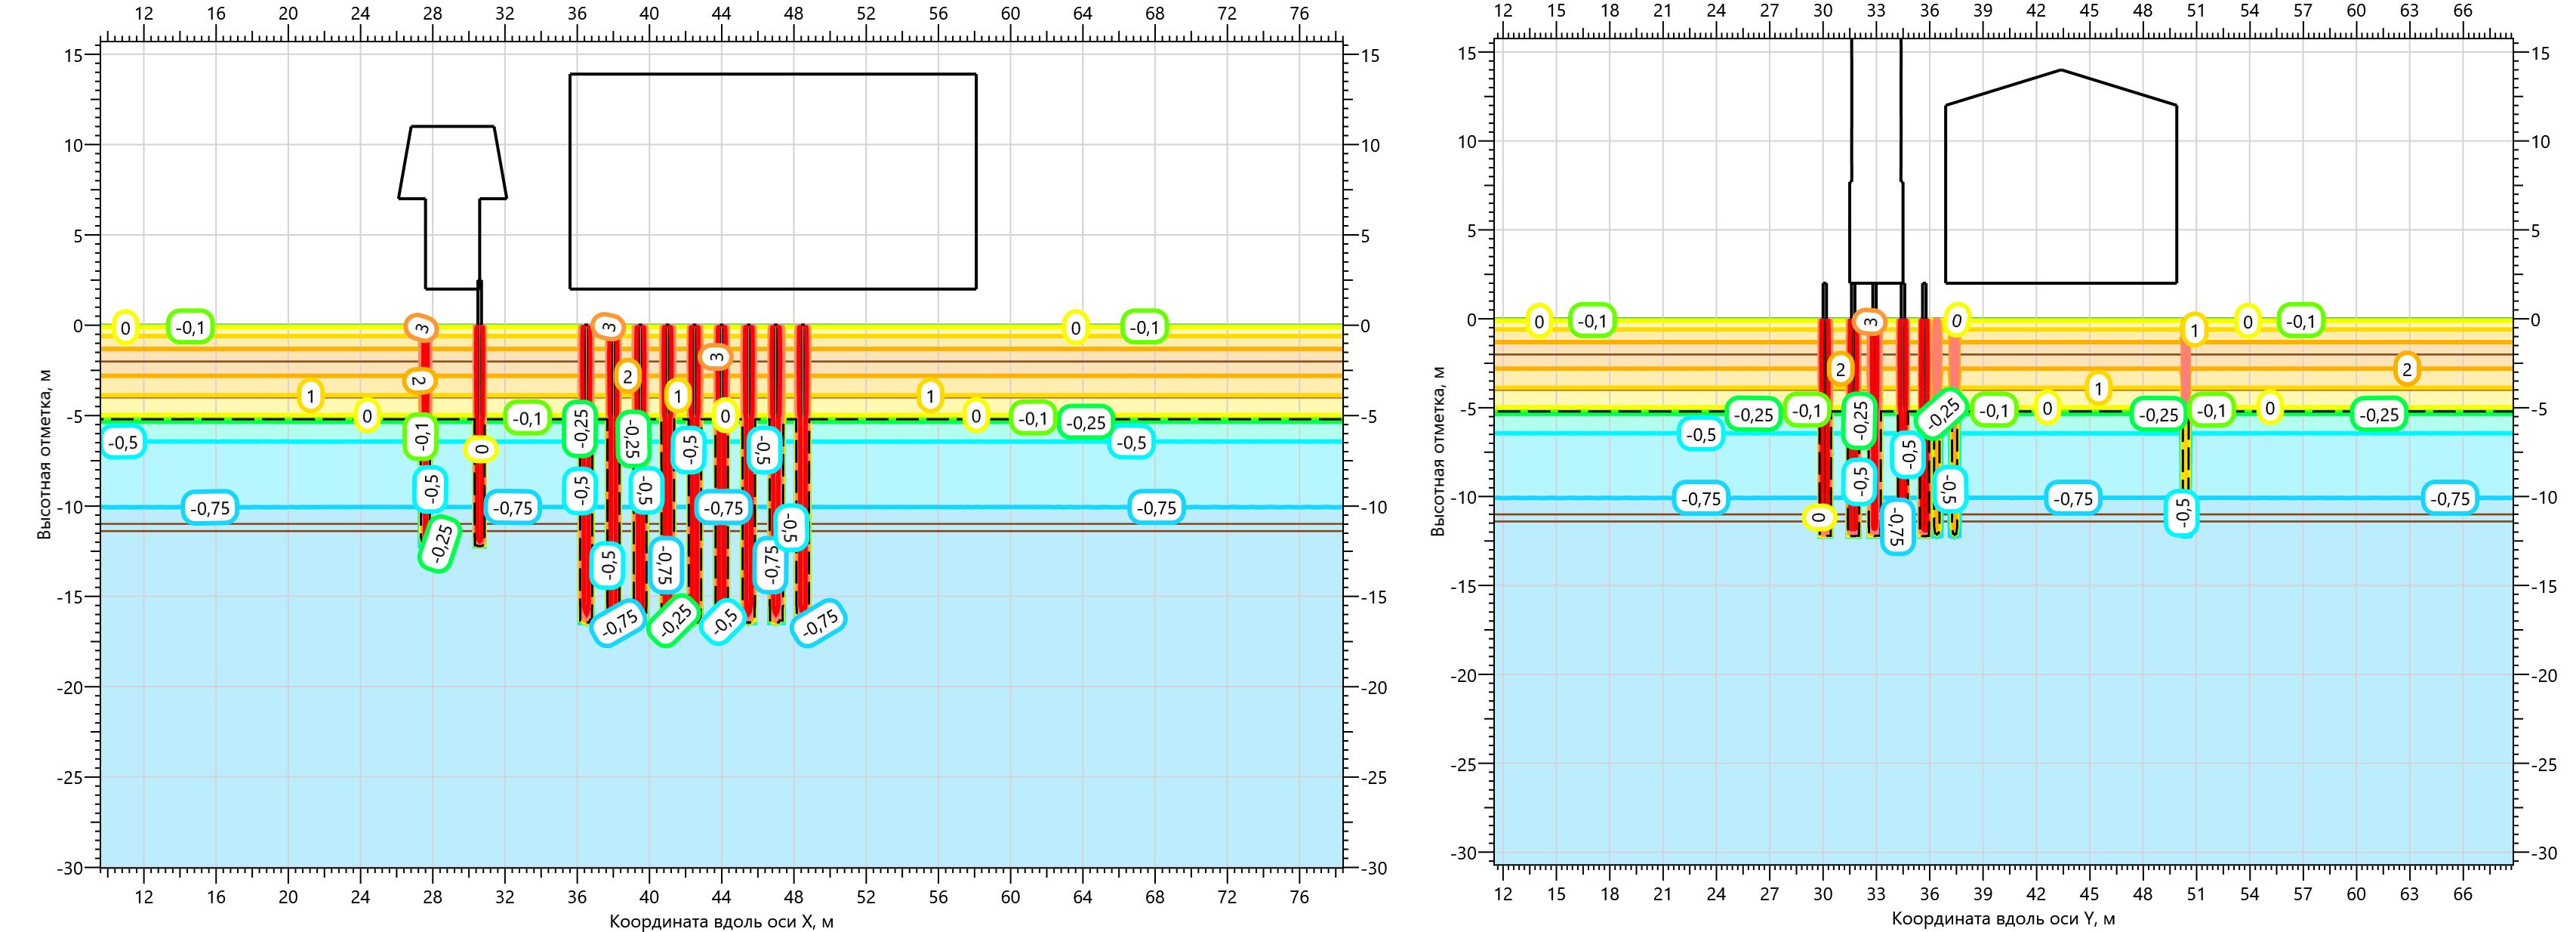 Температурное поле ММГ в основании Газоперекачивающего агрегата на 15.10.2000